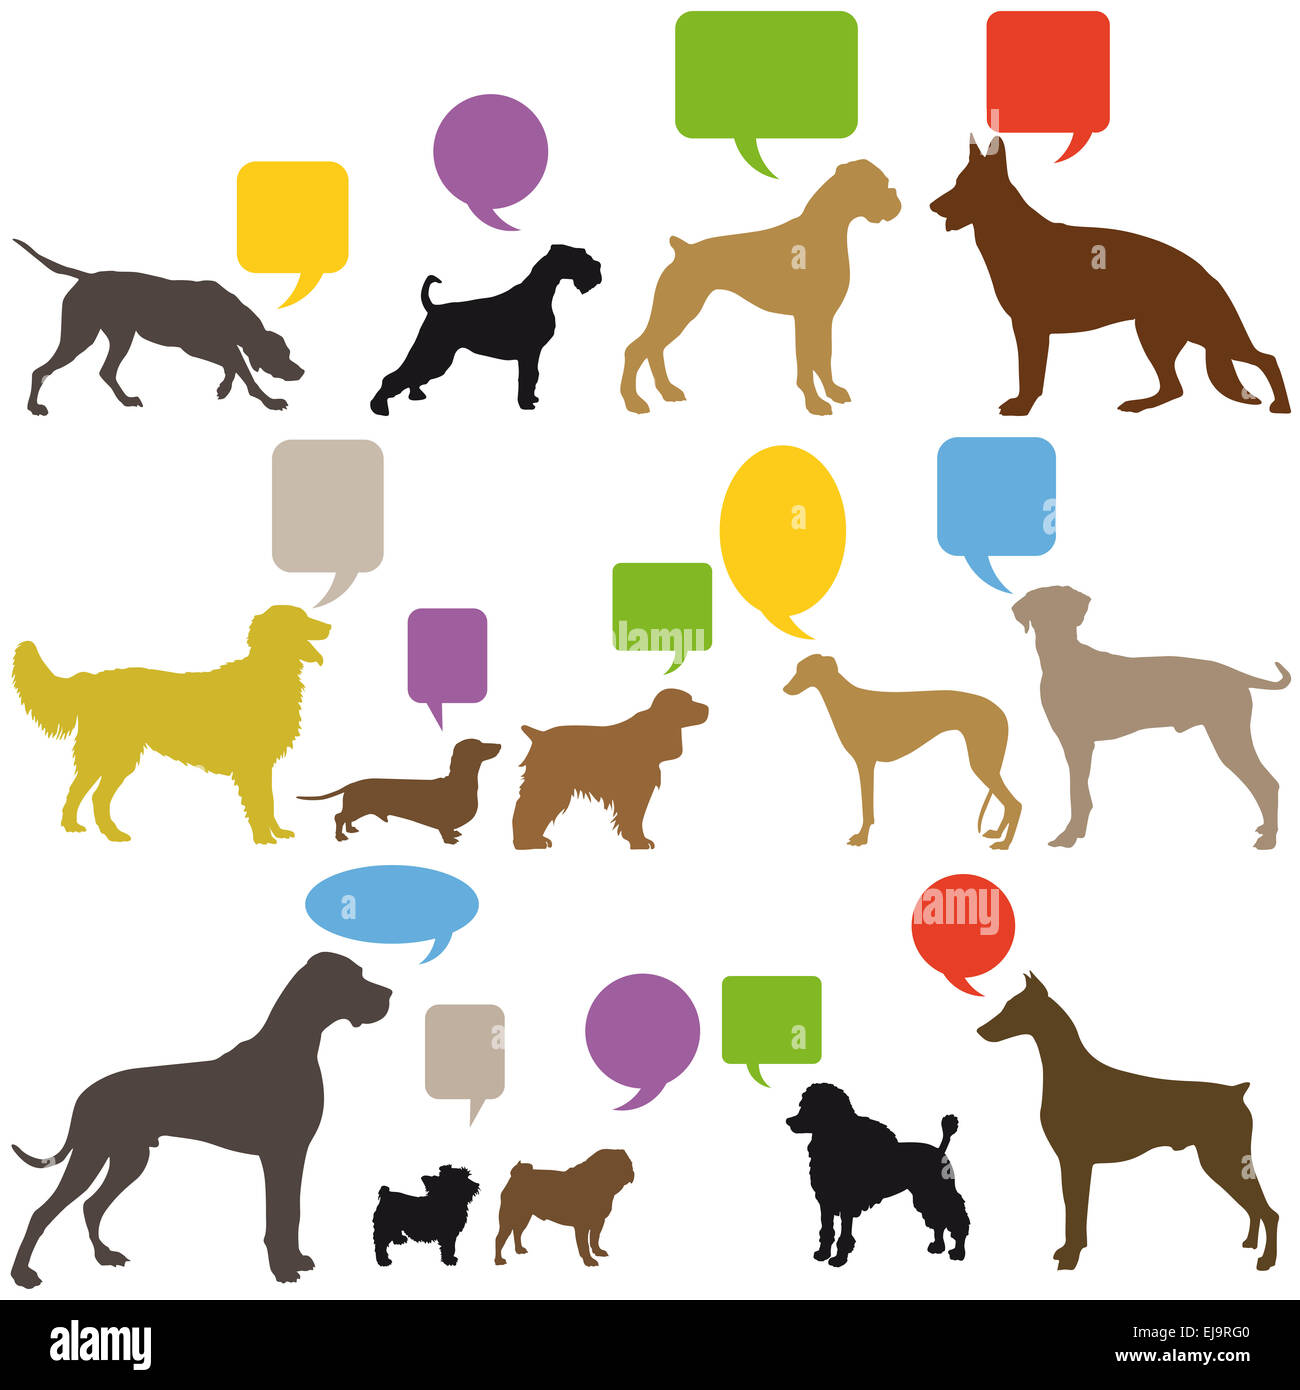 Dog Sign Language - Stock Image